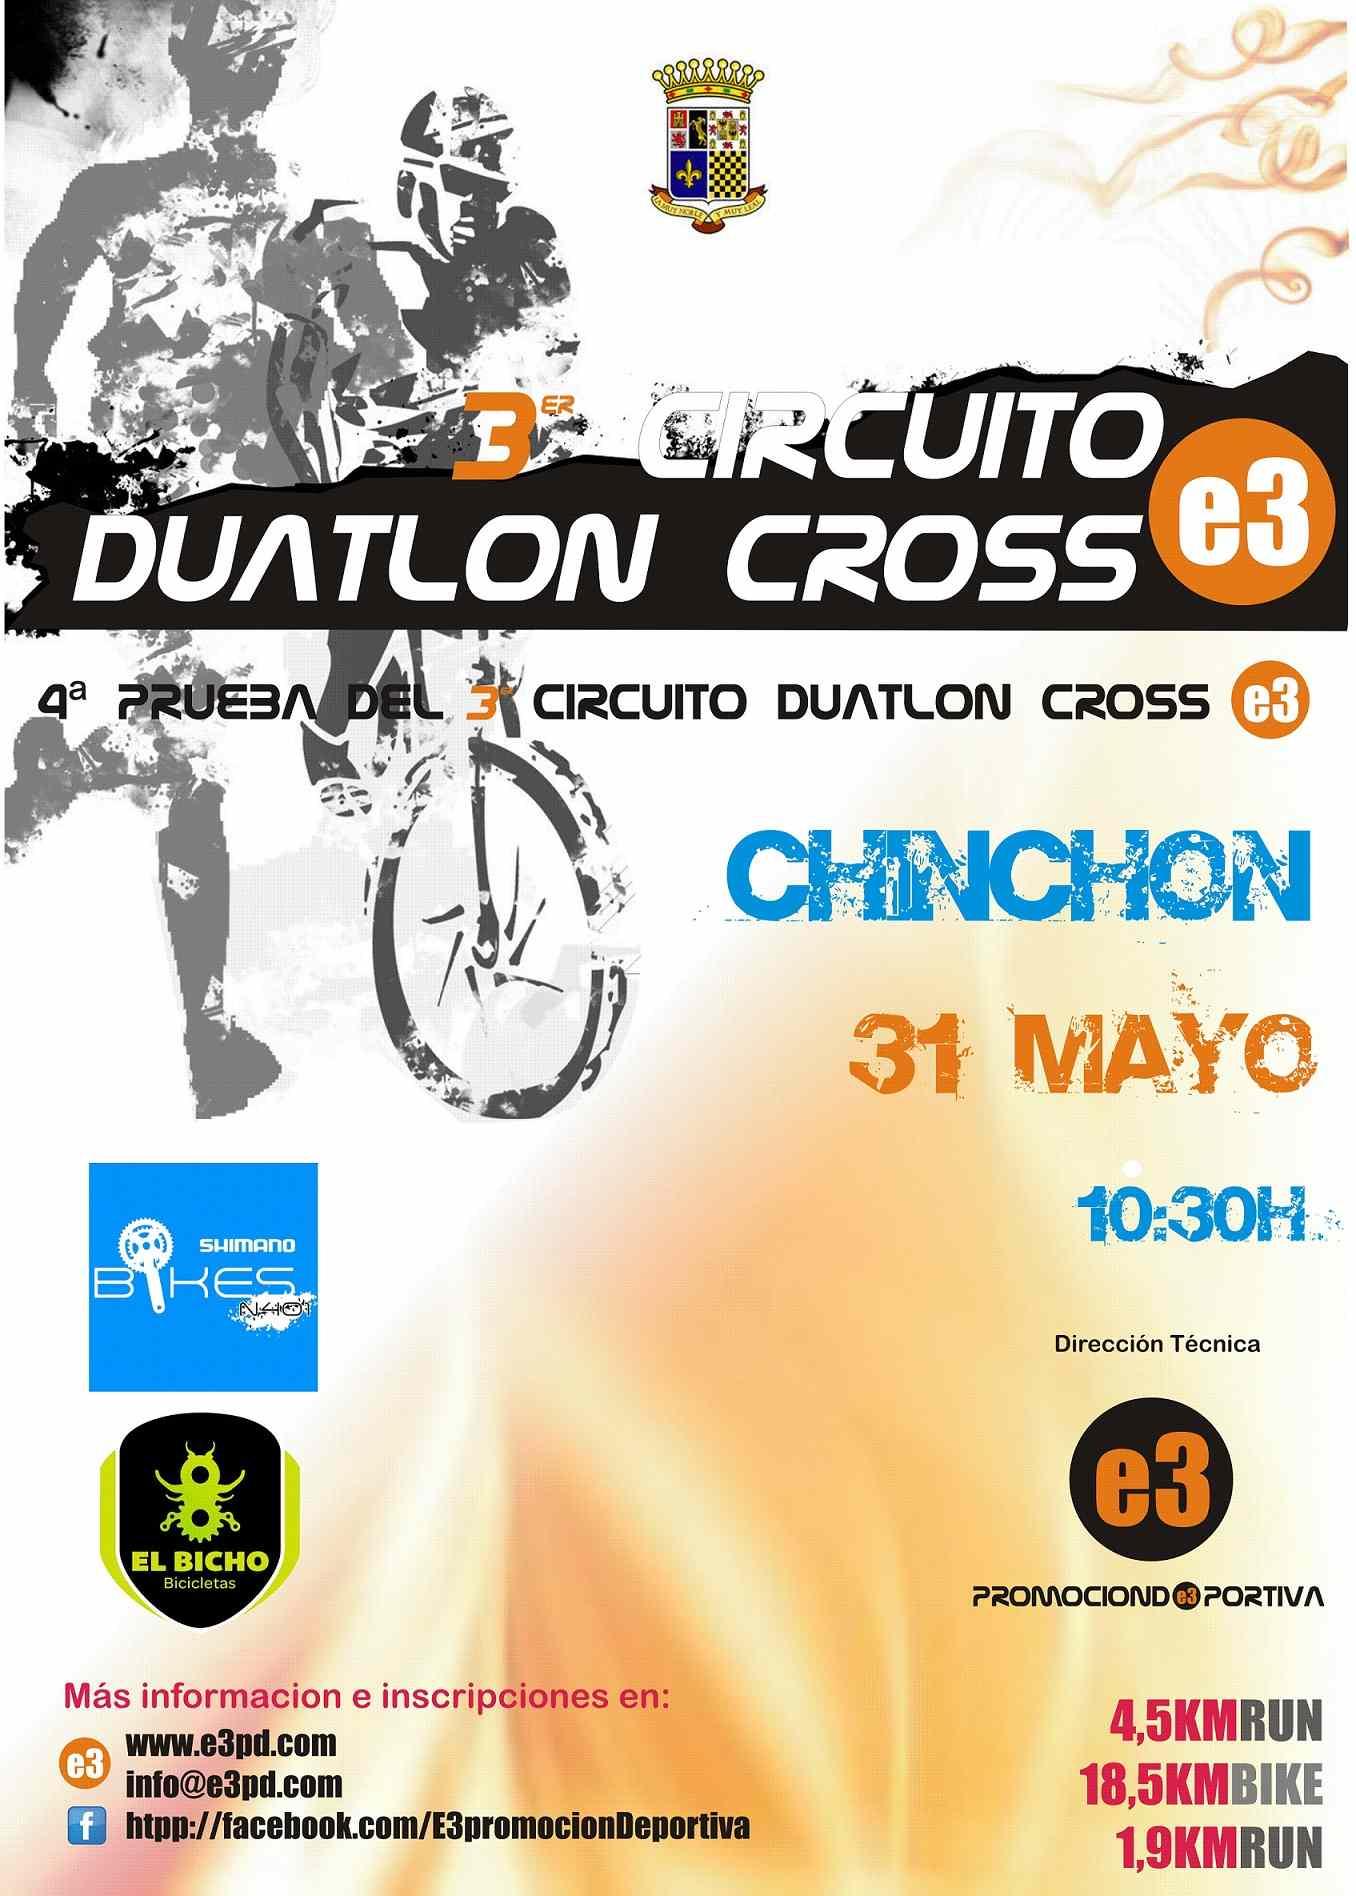 Resultados 4ª PRUEBA CIRCUITO DUATLON CROSS E3 - CHINCHON